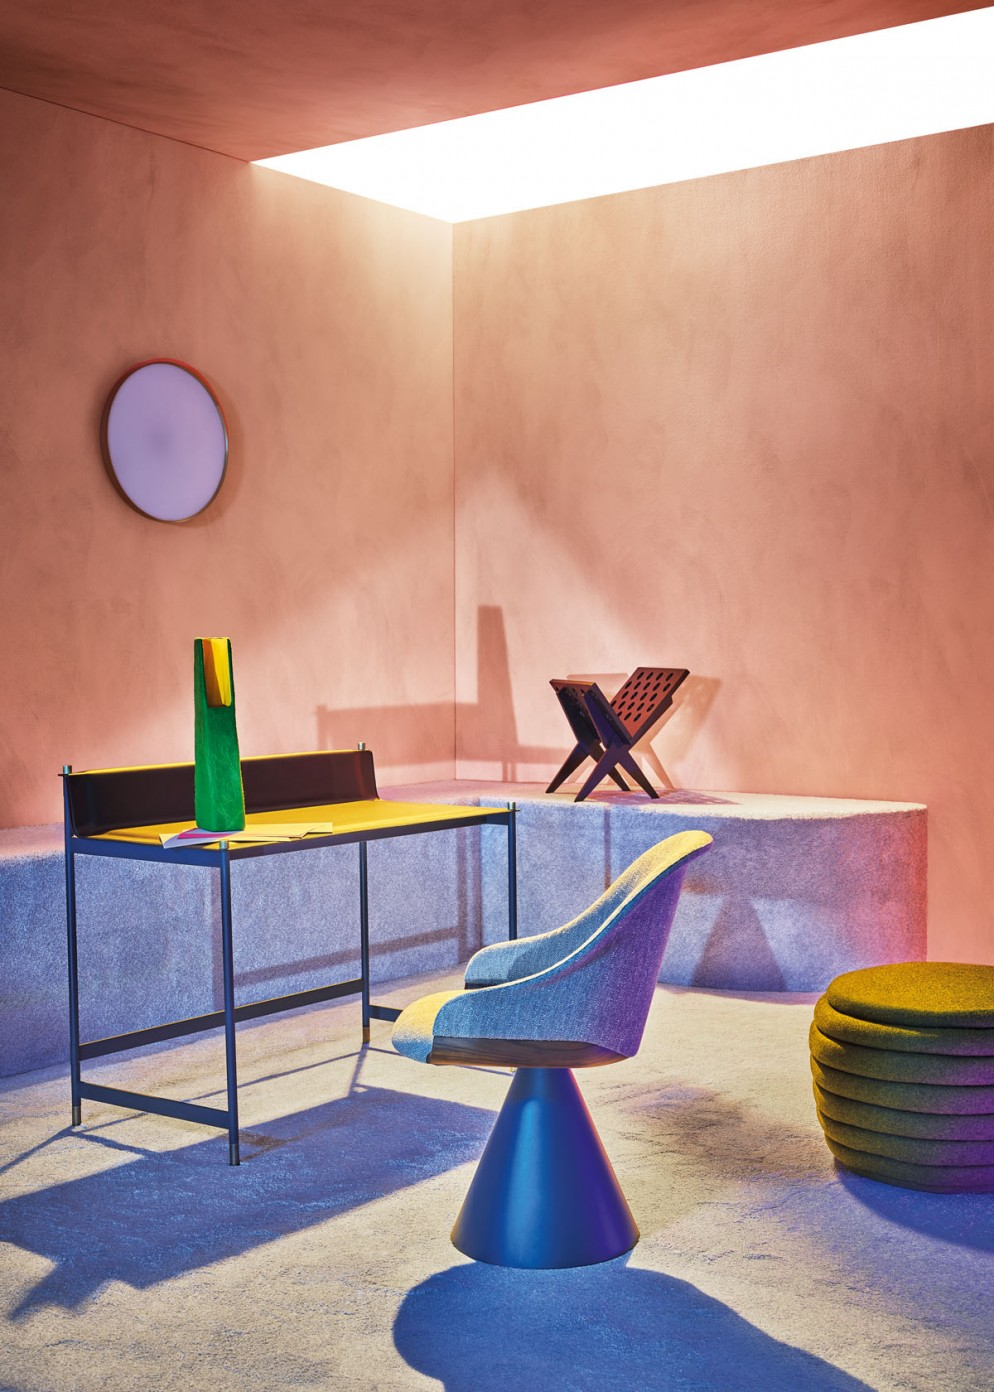 idee-arredare-casa-lampade-divani-sedie-letti-poltrone-design-issue-living-corriere-01